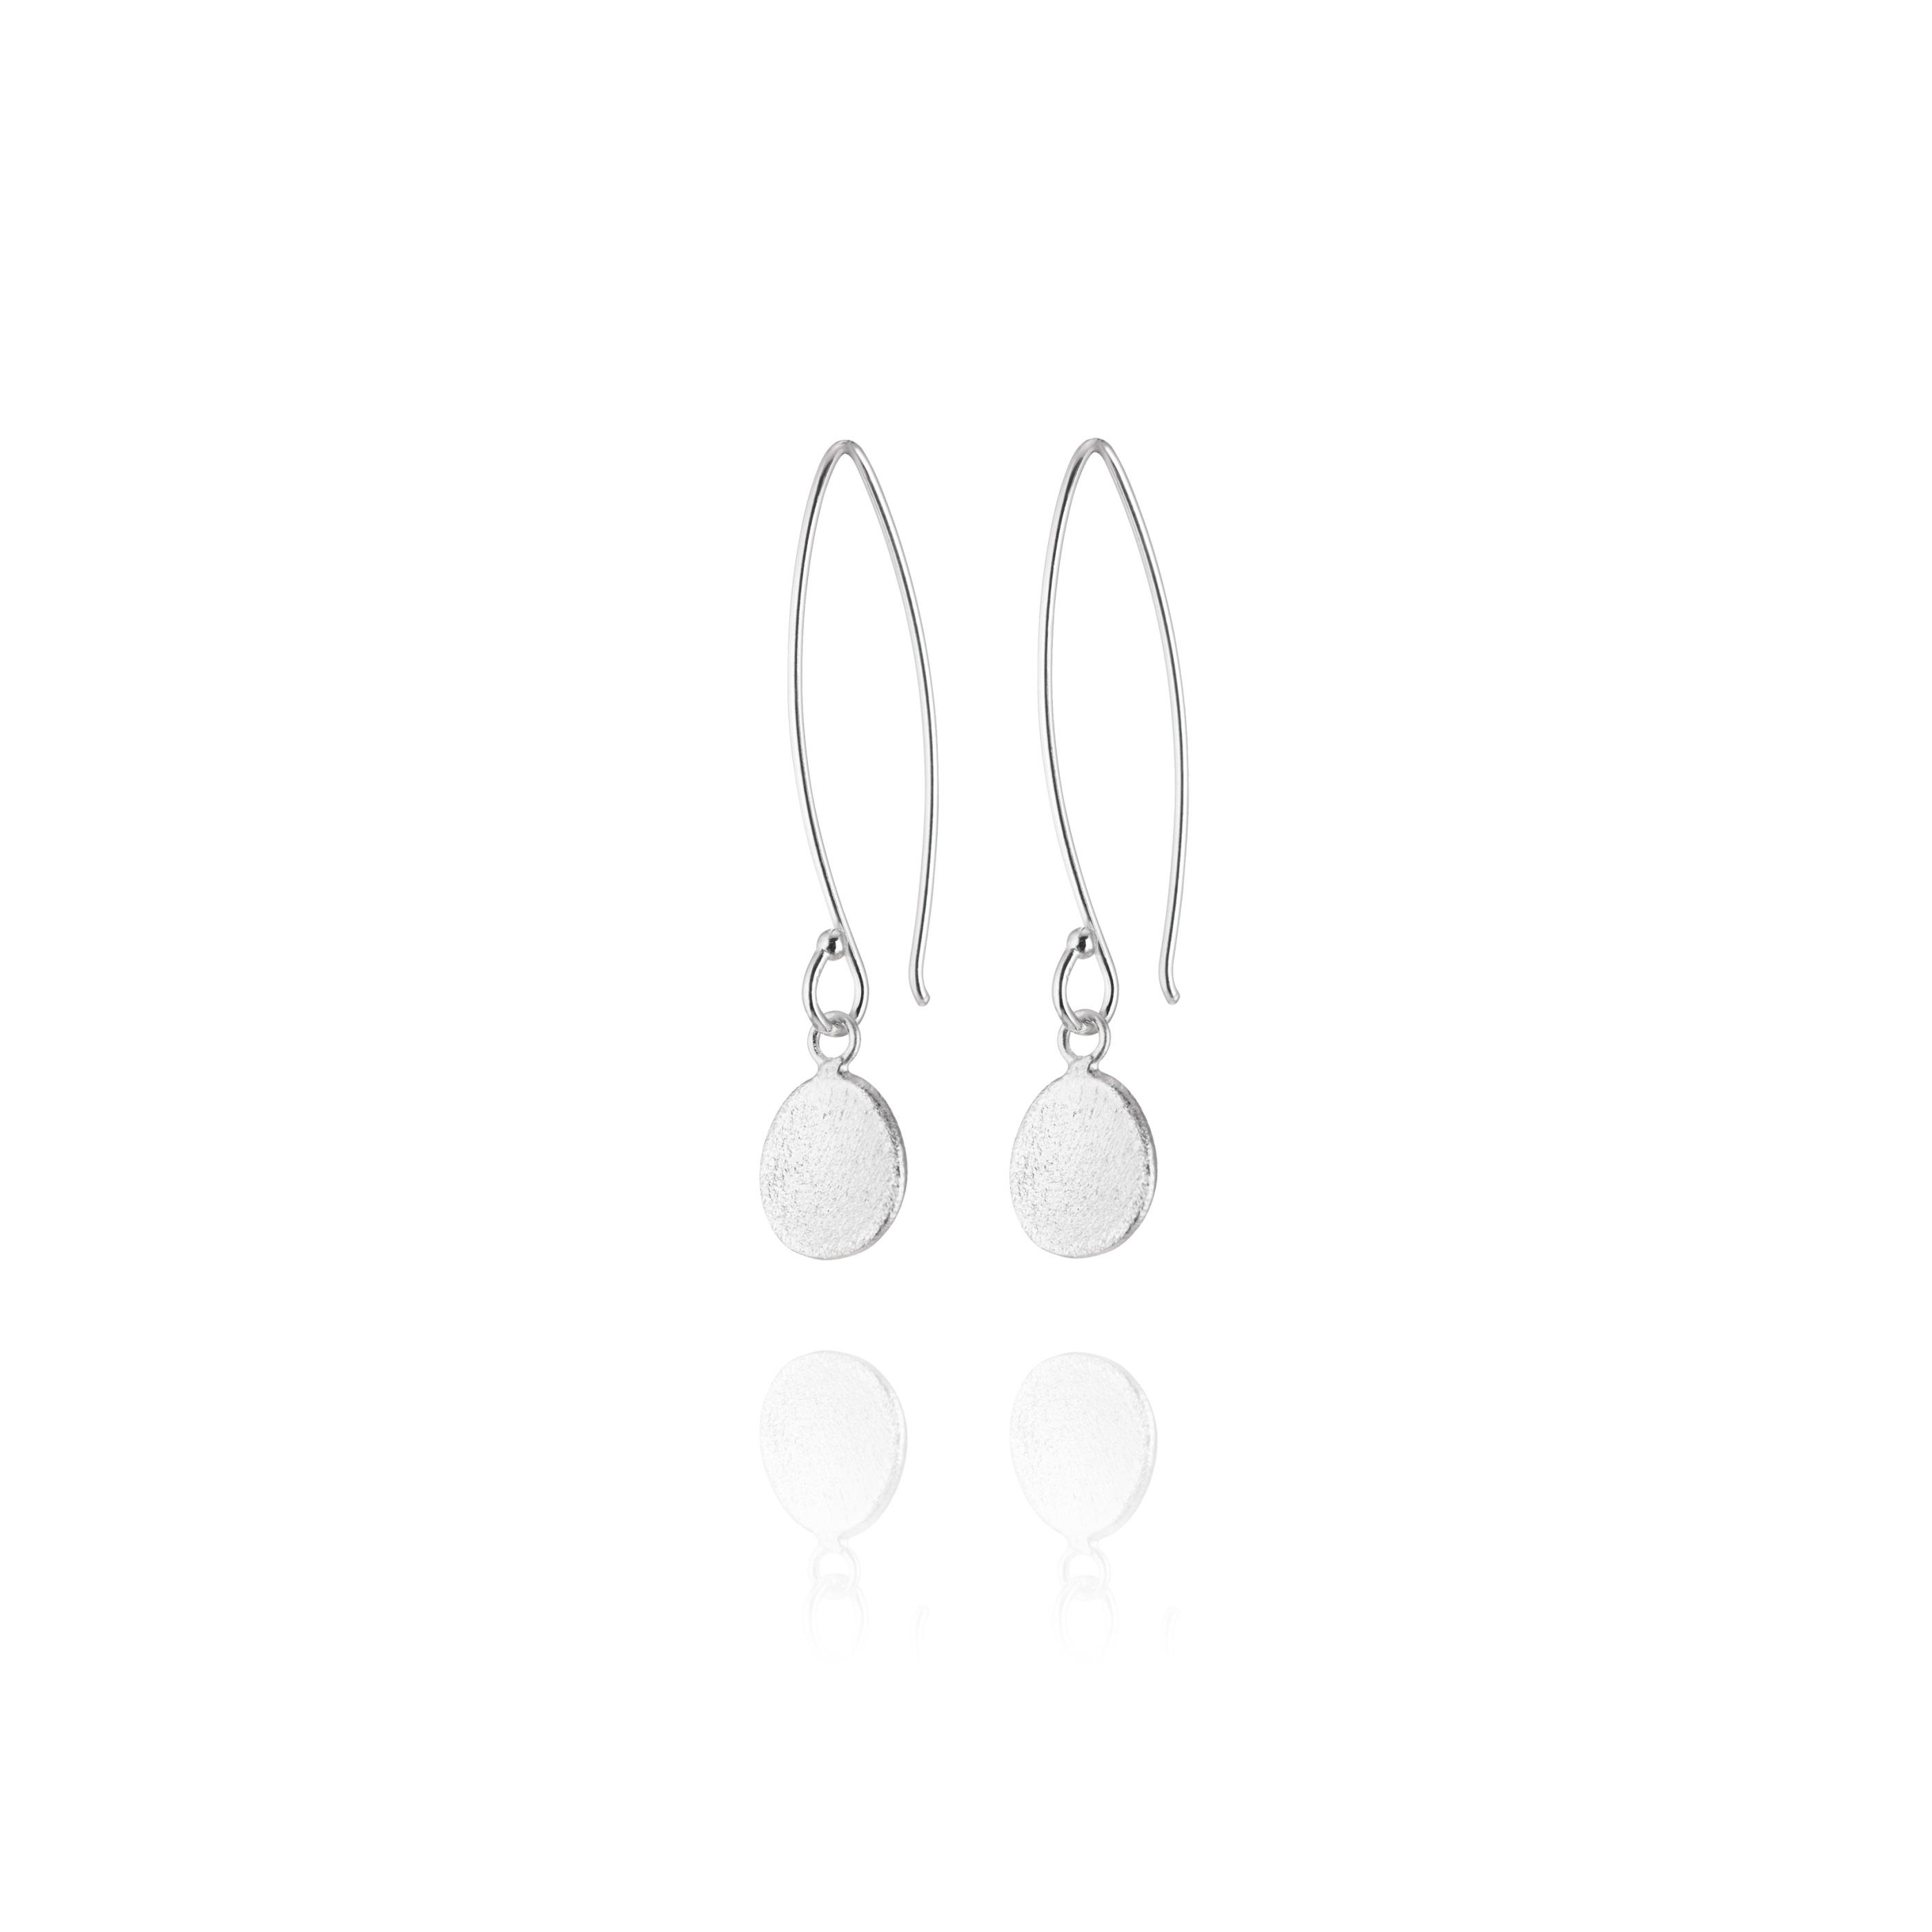 Rocky Shore earrings